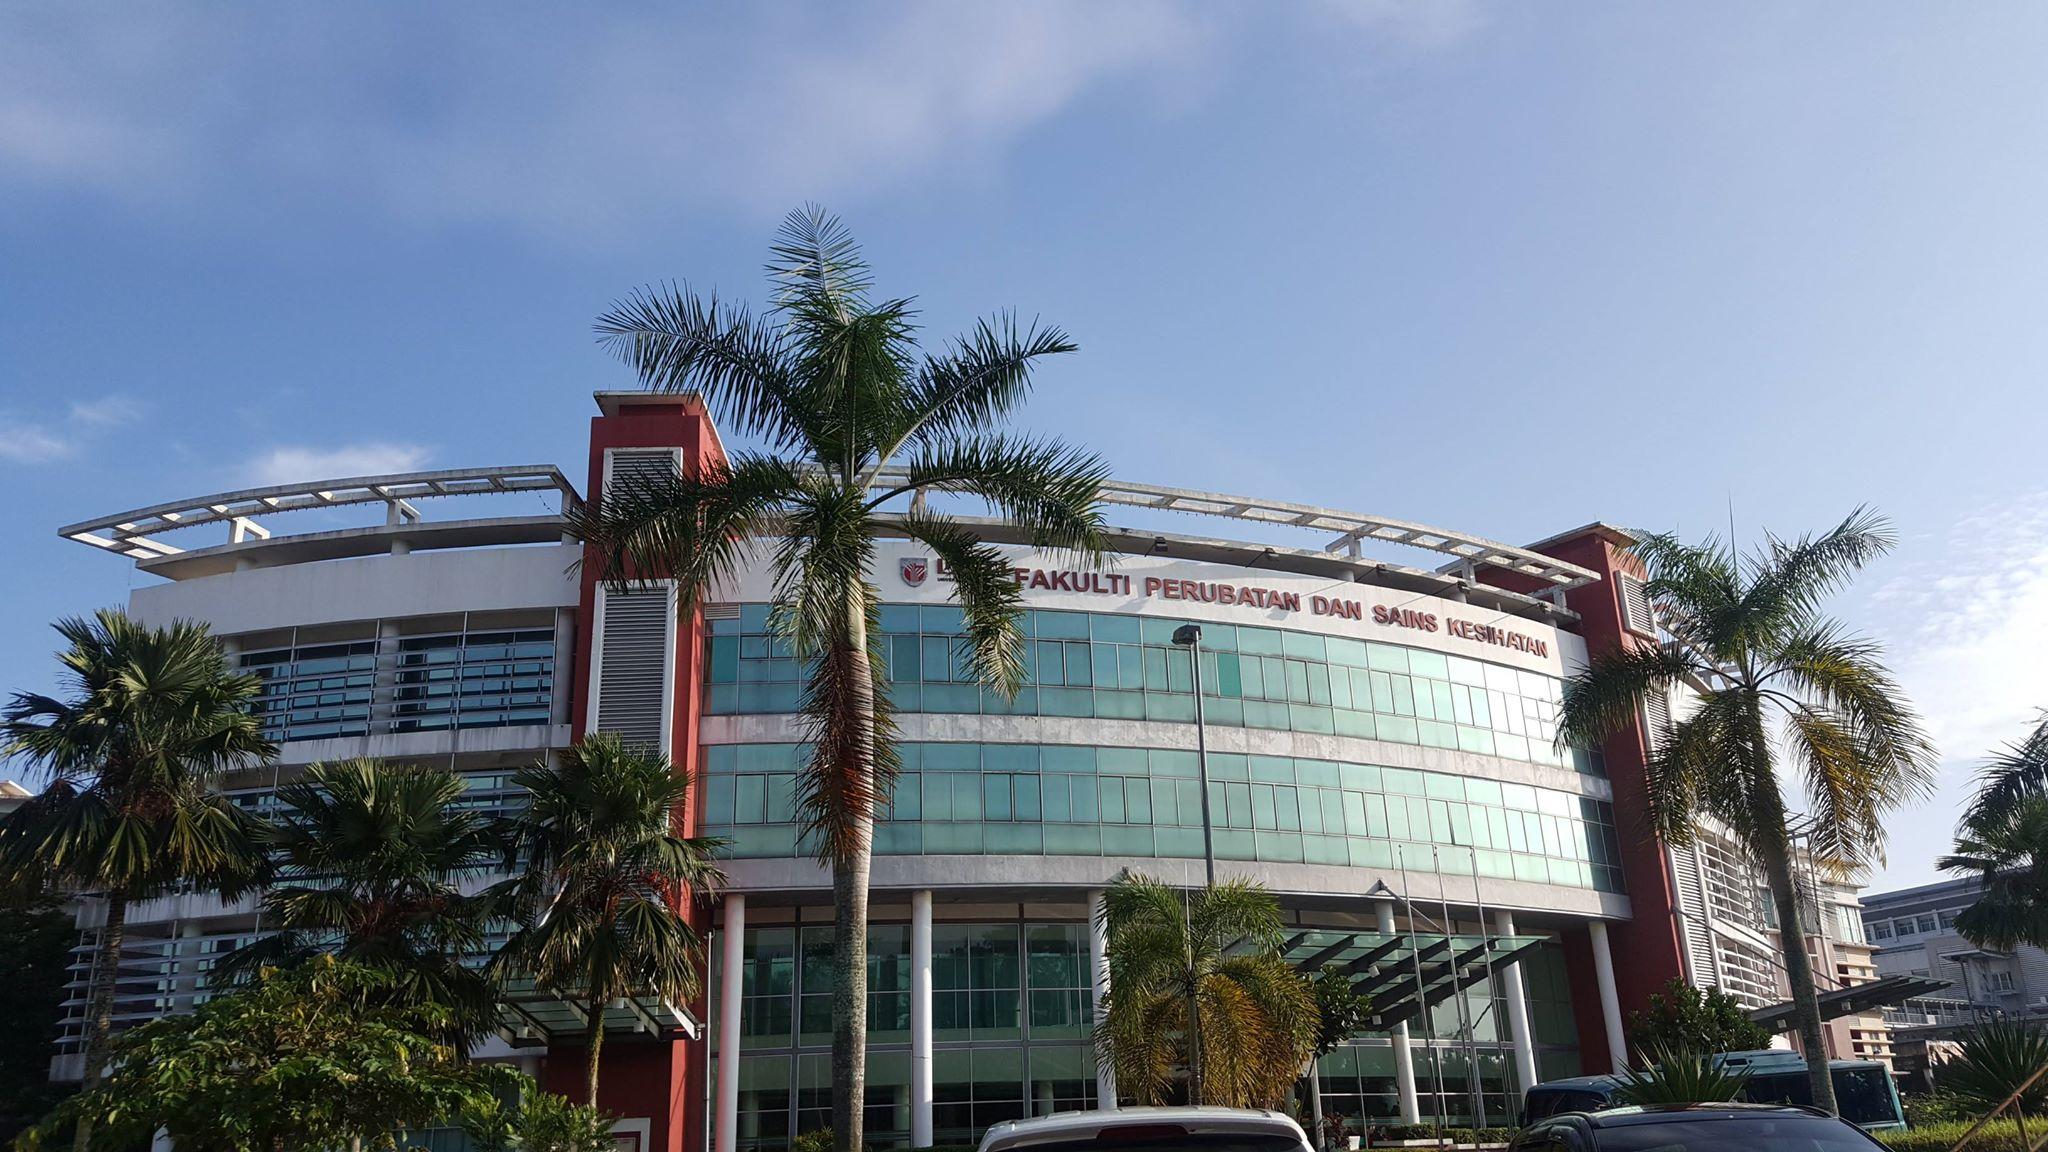 Fakulti Perubatan dan Sains Kesihatan, UPM